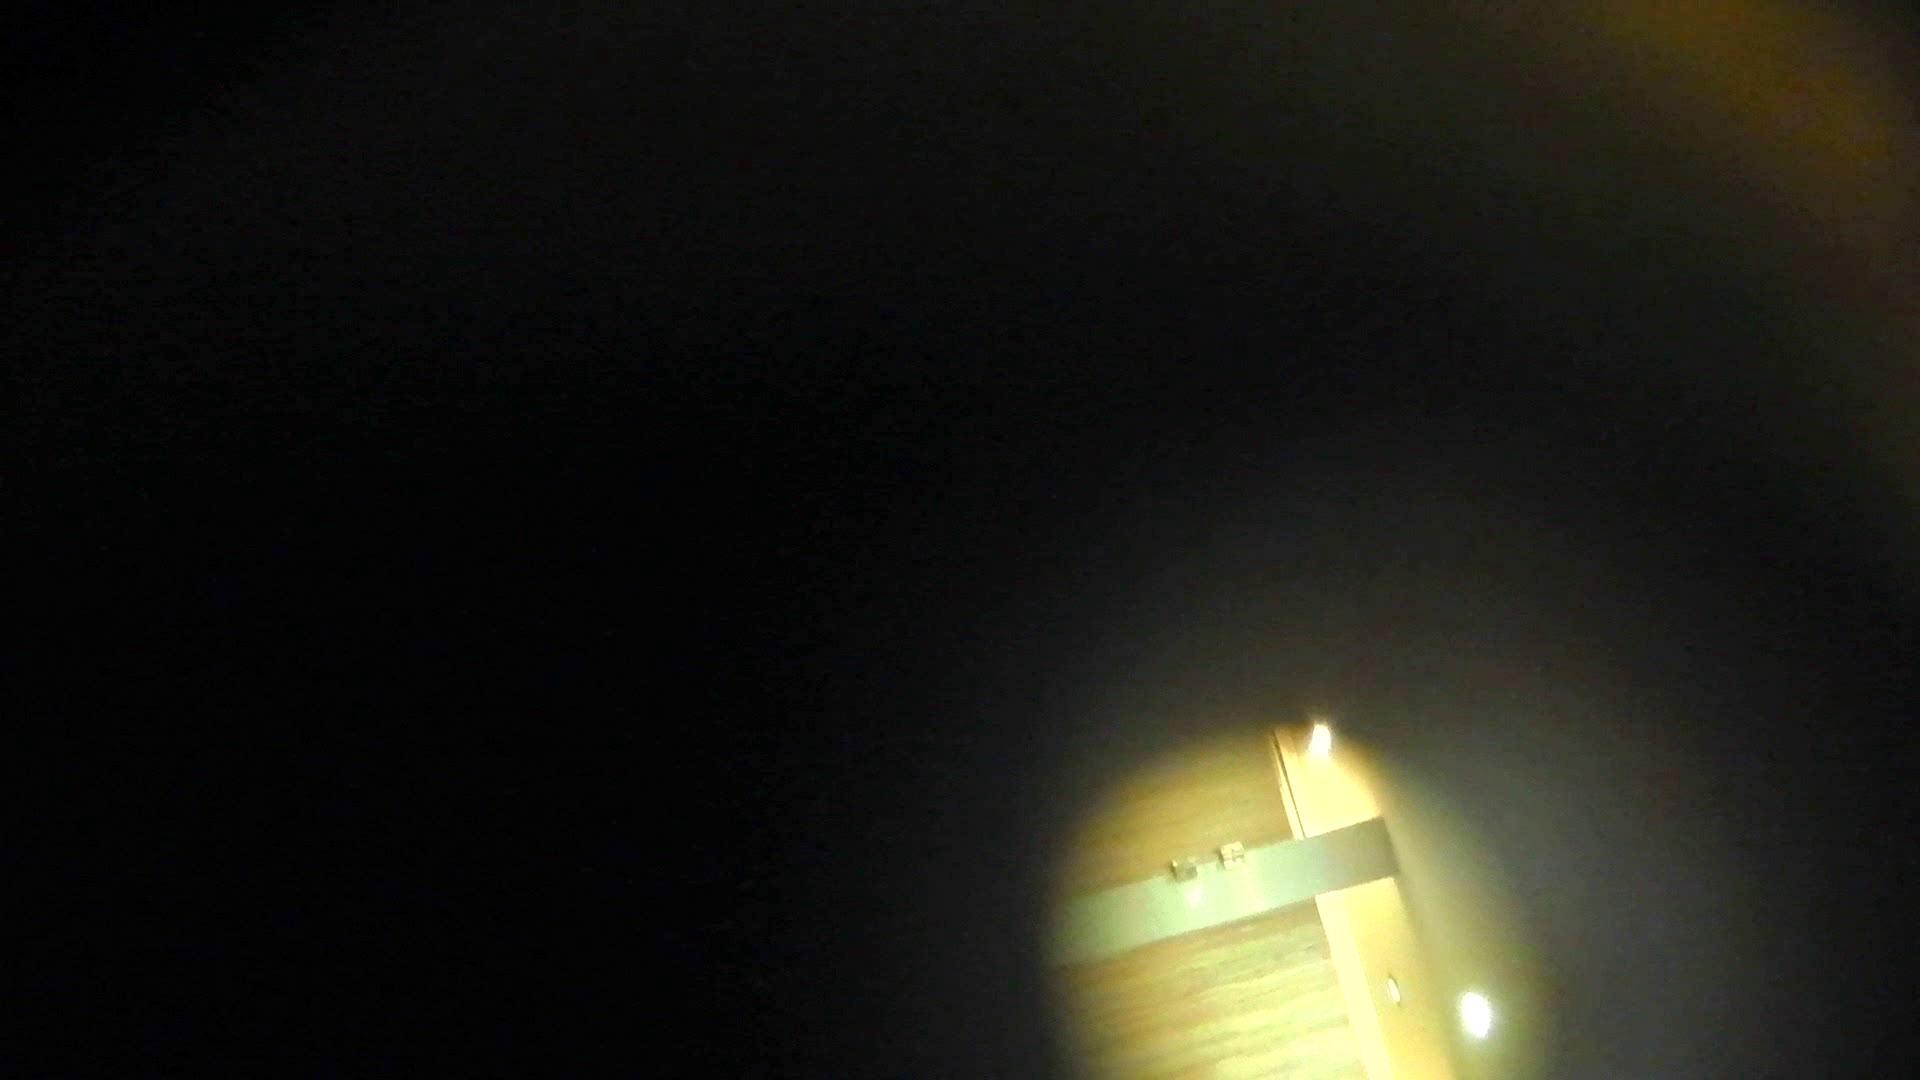 阿国ちゃんの「和式洋式七変化」No.12 ギャル攻め すけべAV動画紹介 99画像 8